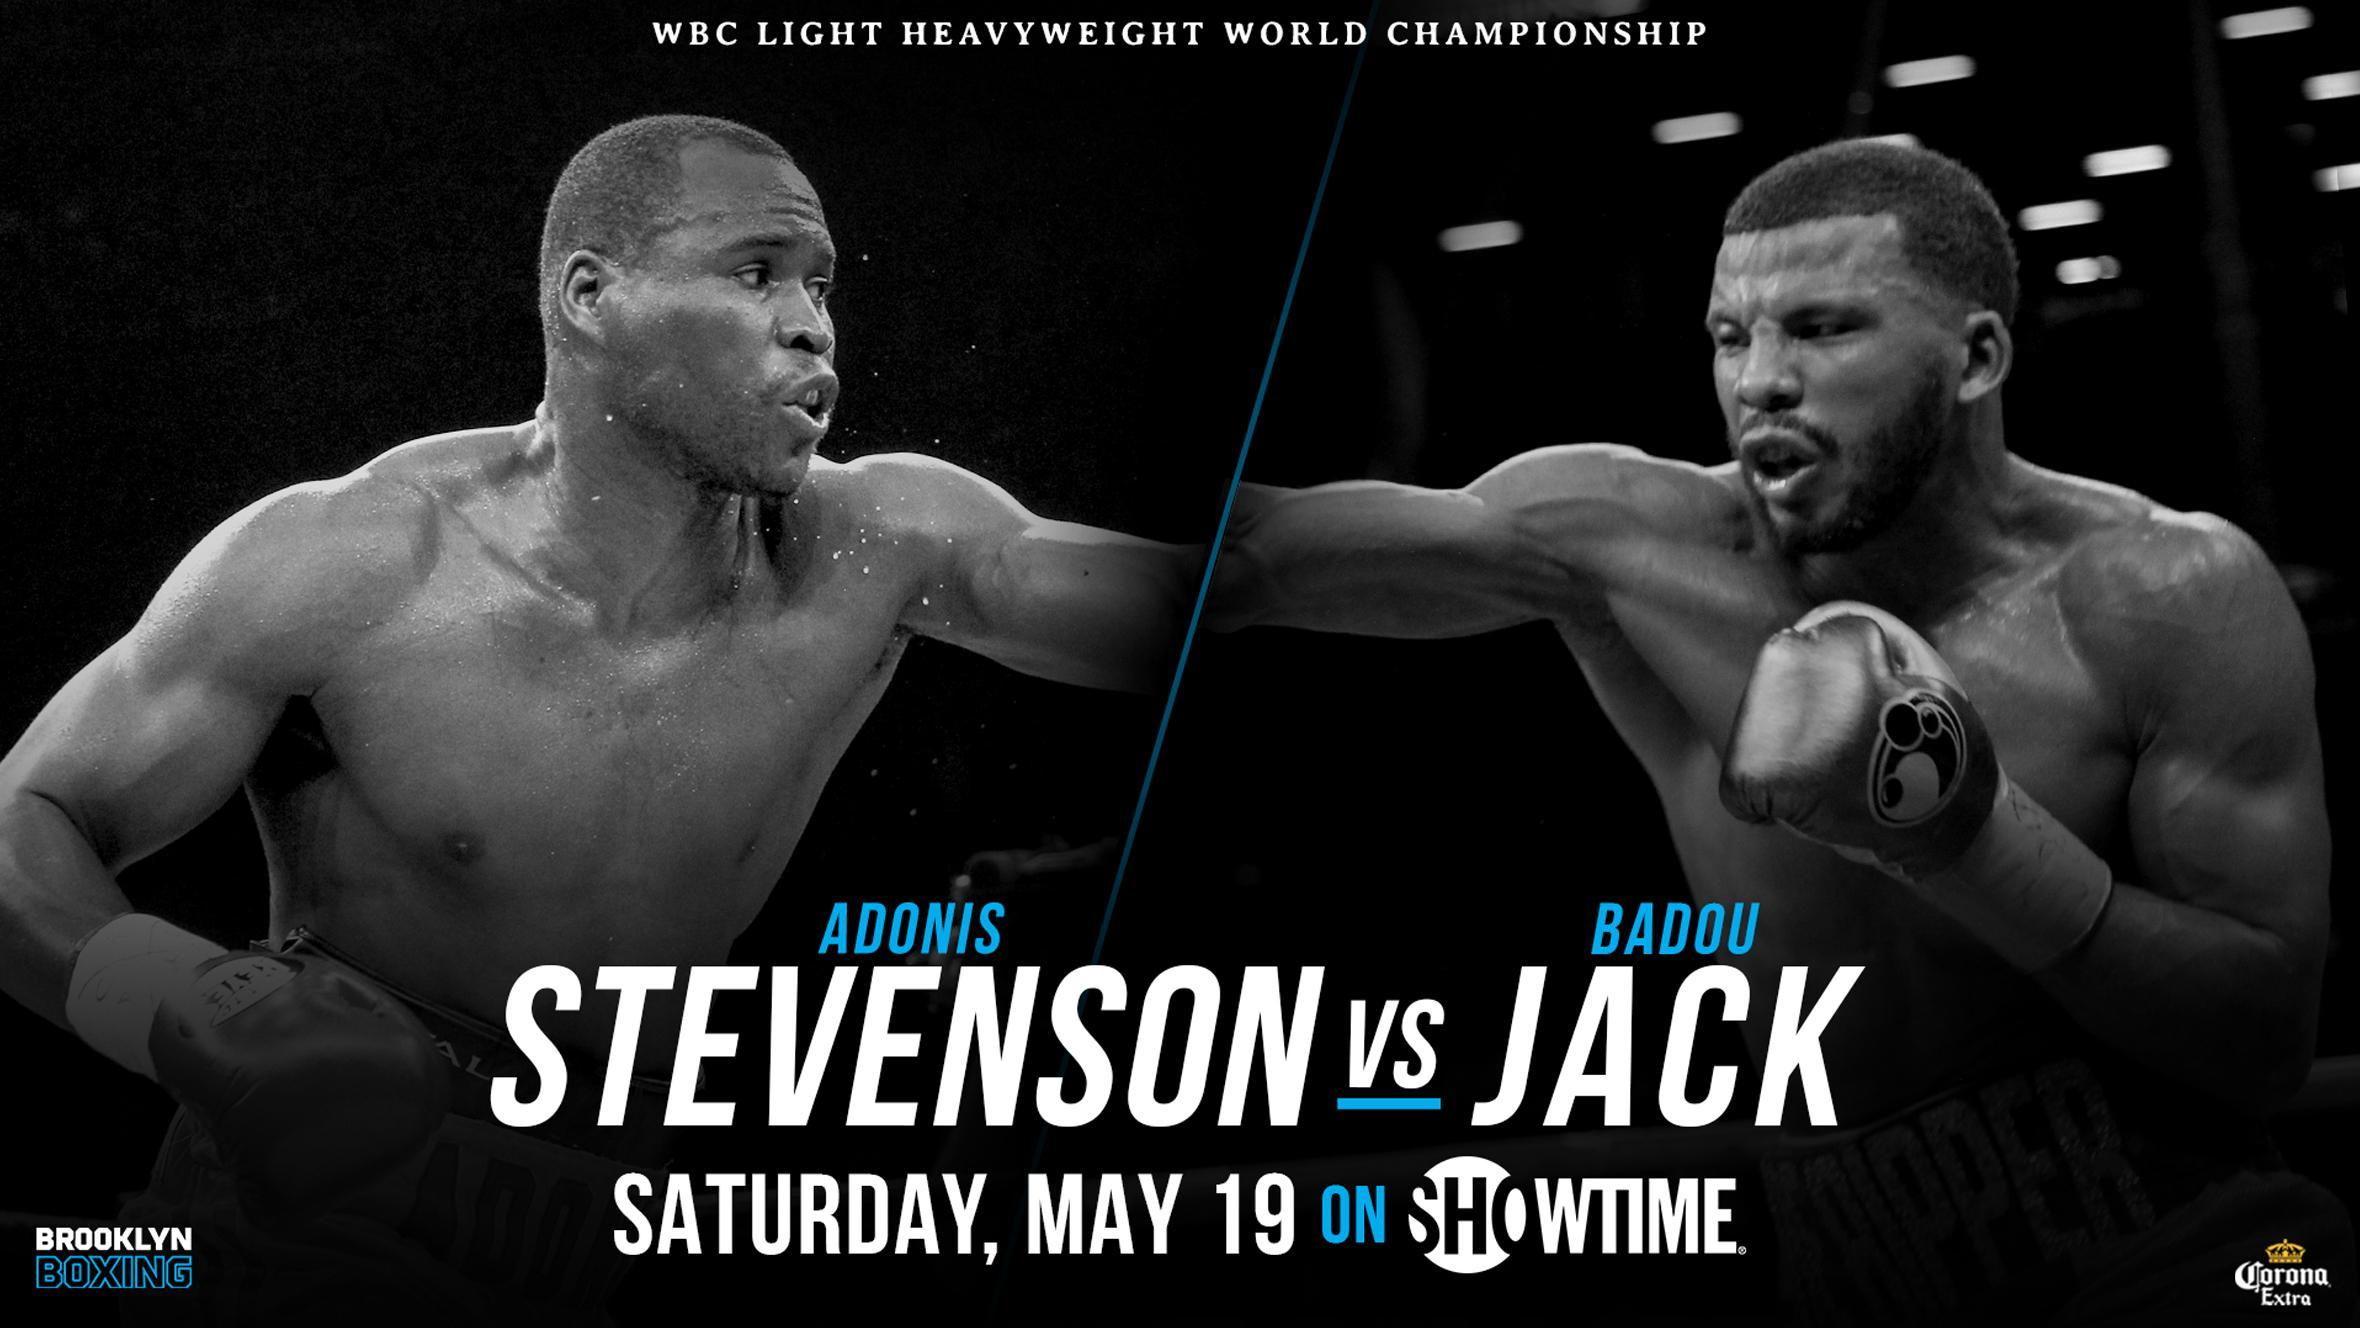 Stevenson vs Jack fight poster